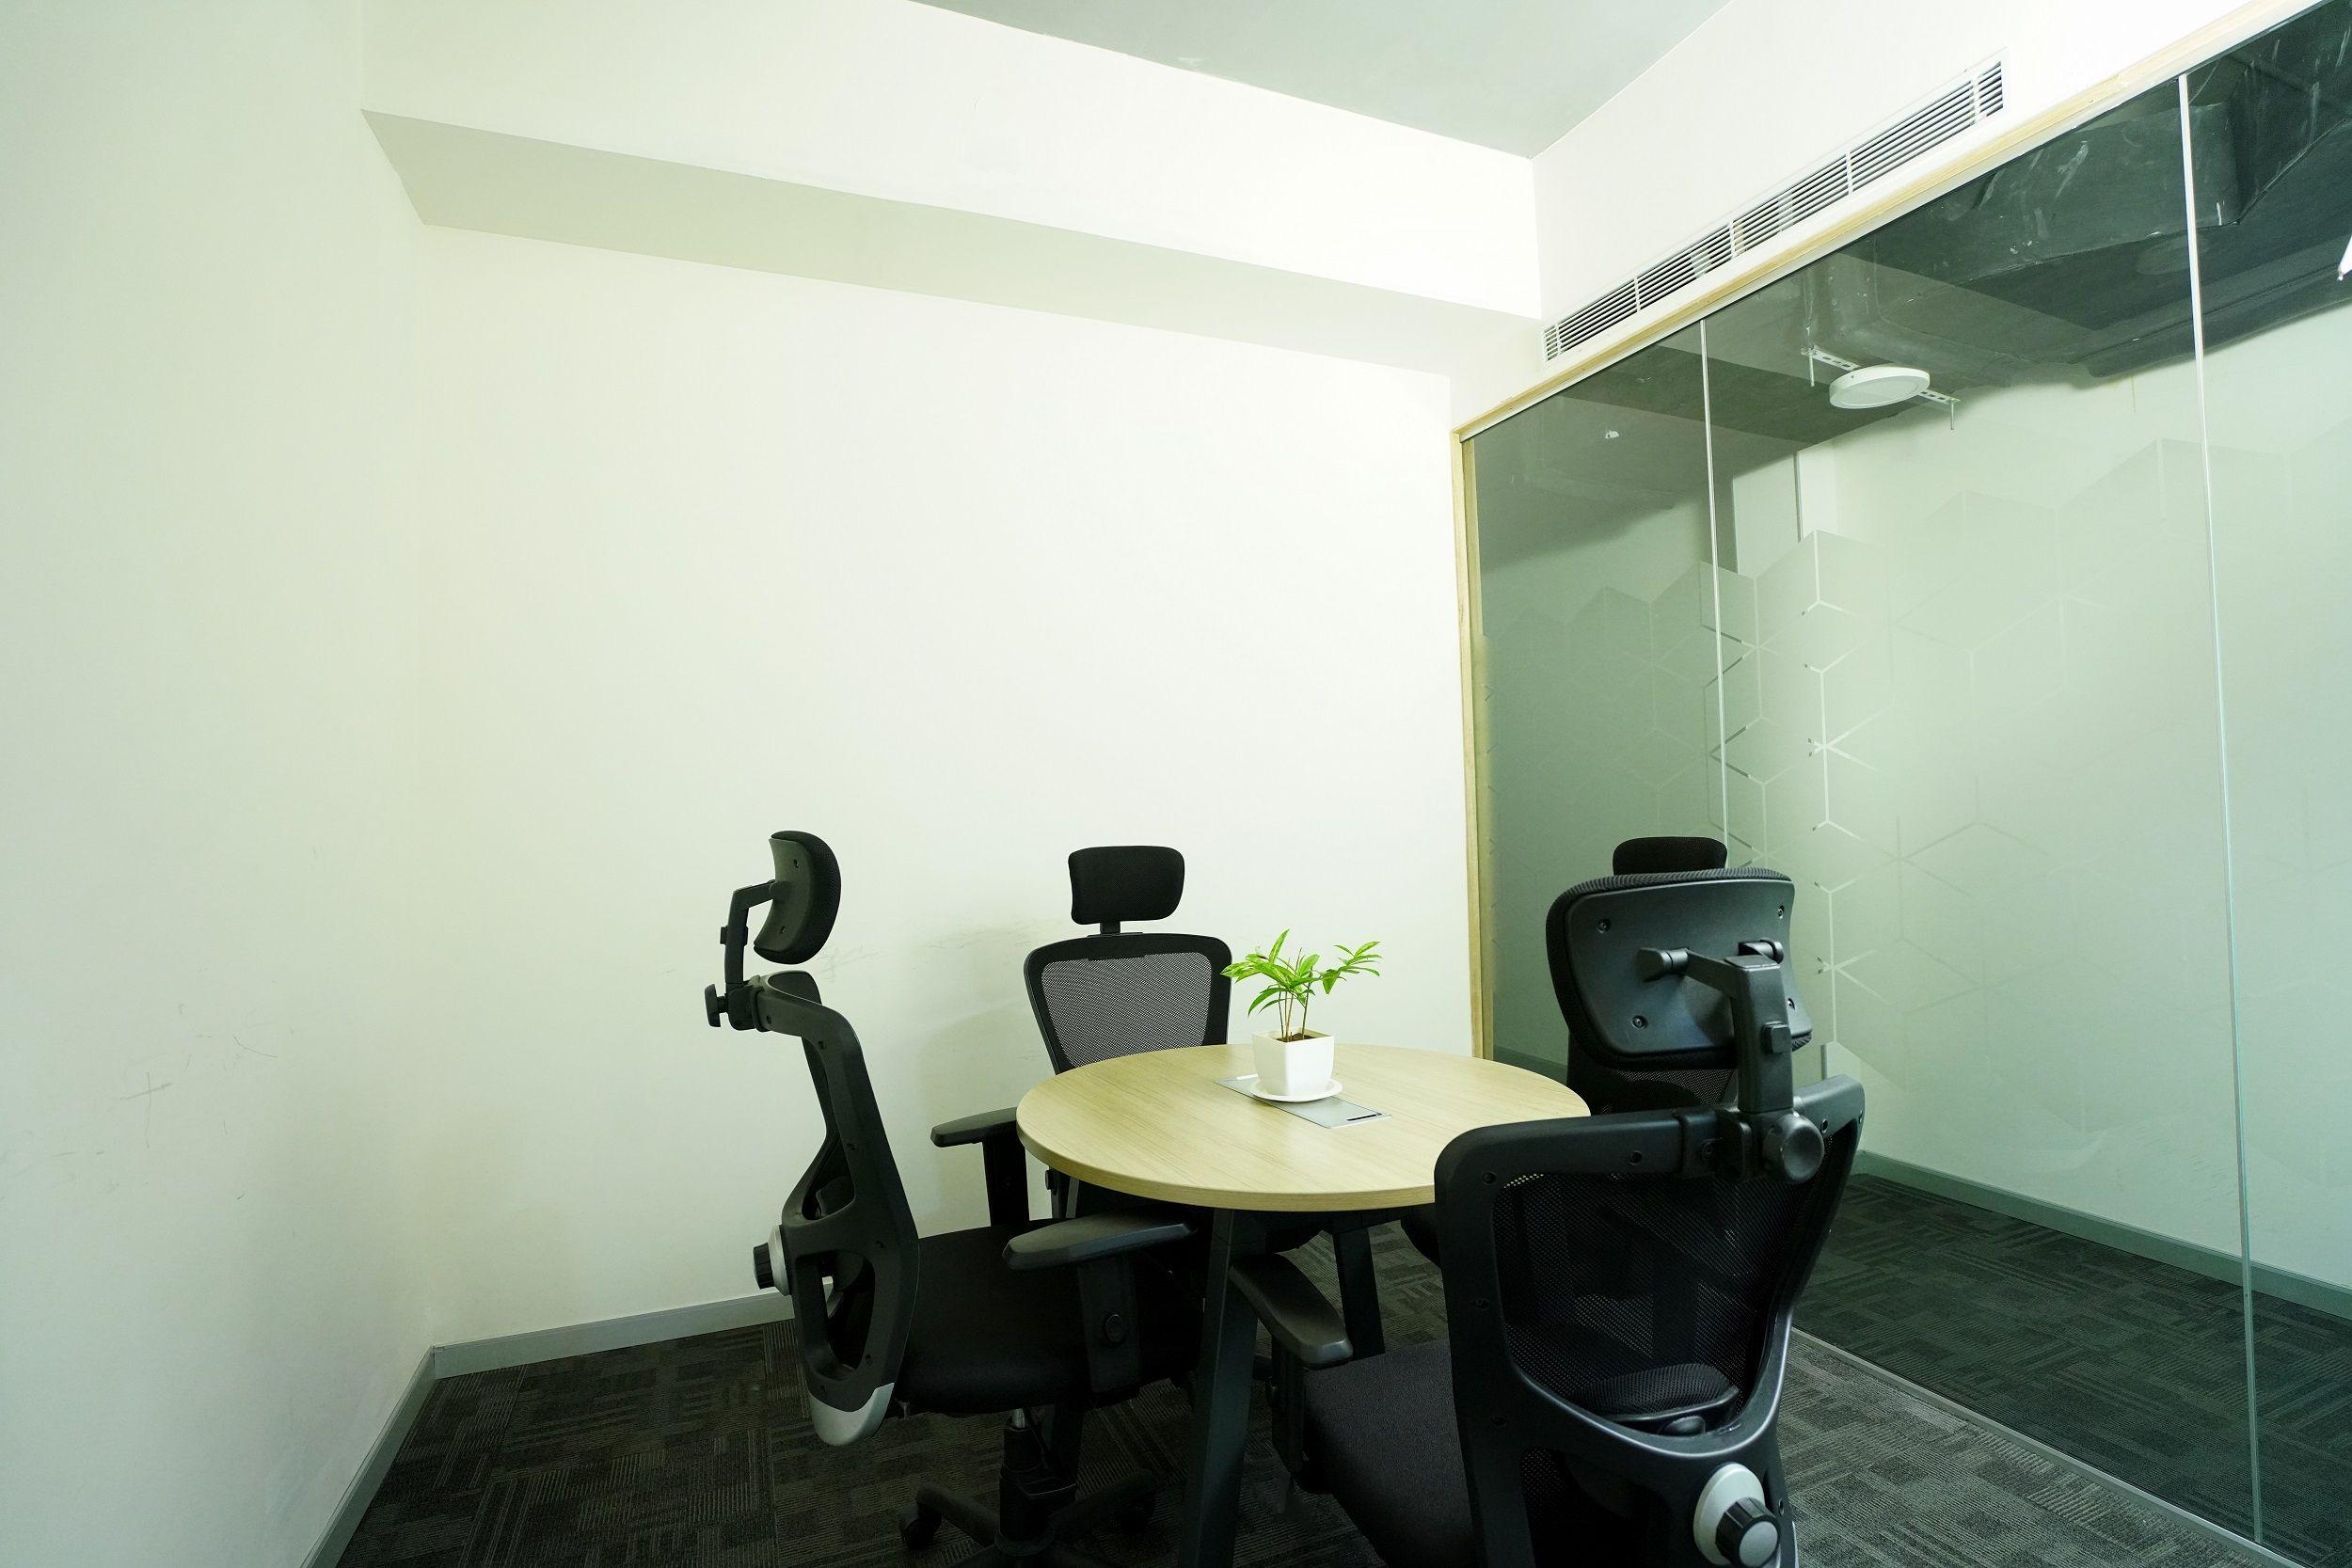 Rainmakers workspace Office room